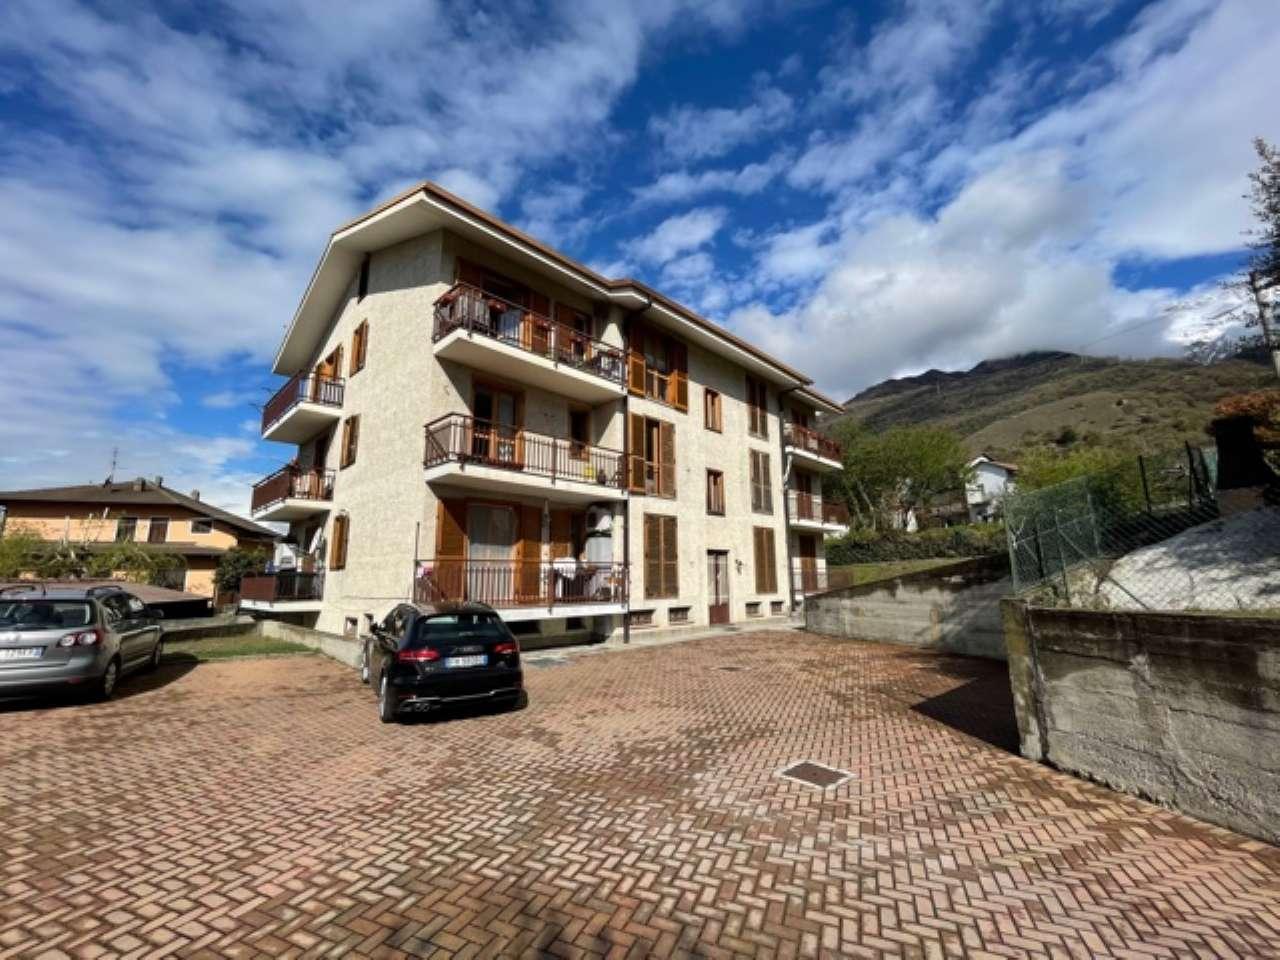 Appartamento in vendita a Bruzolo, 4 locali, prezzo € 69.500 | PortaleAgenzieImmobiliari.it